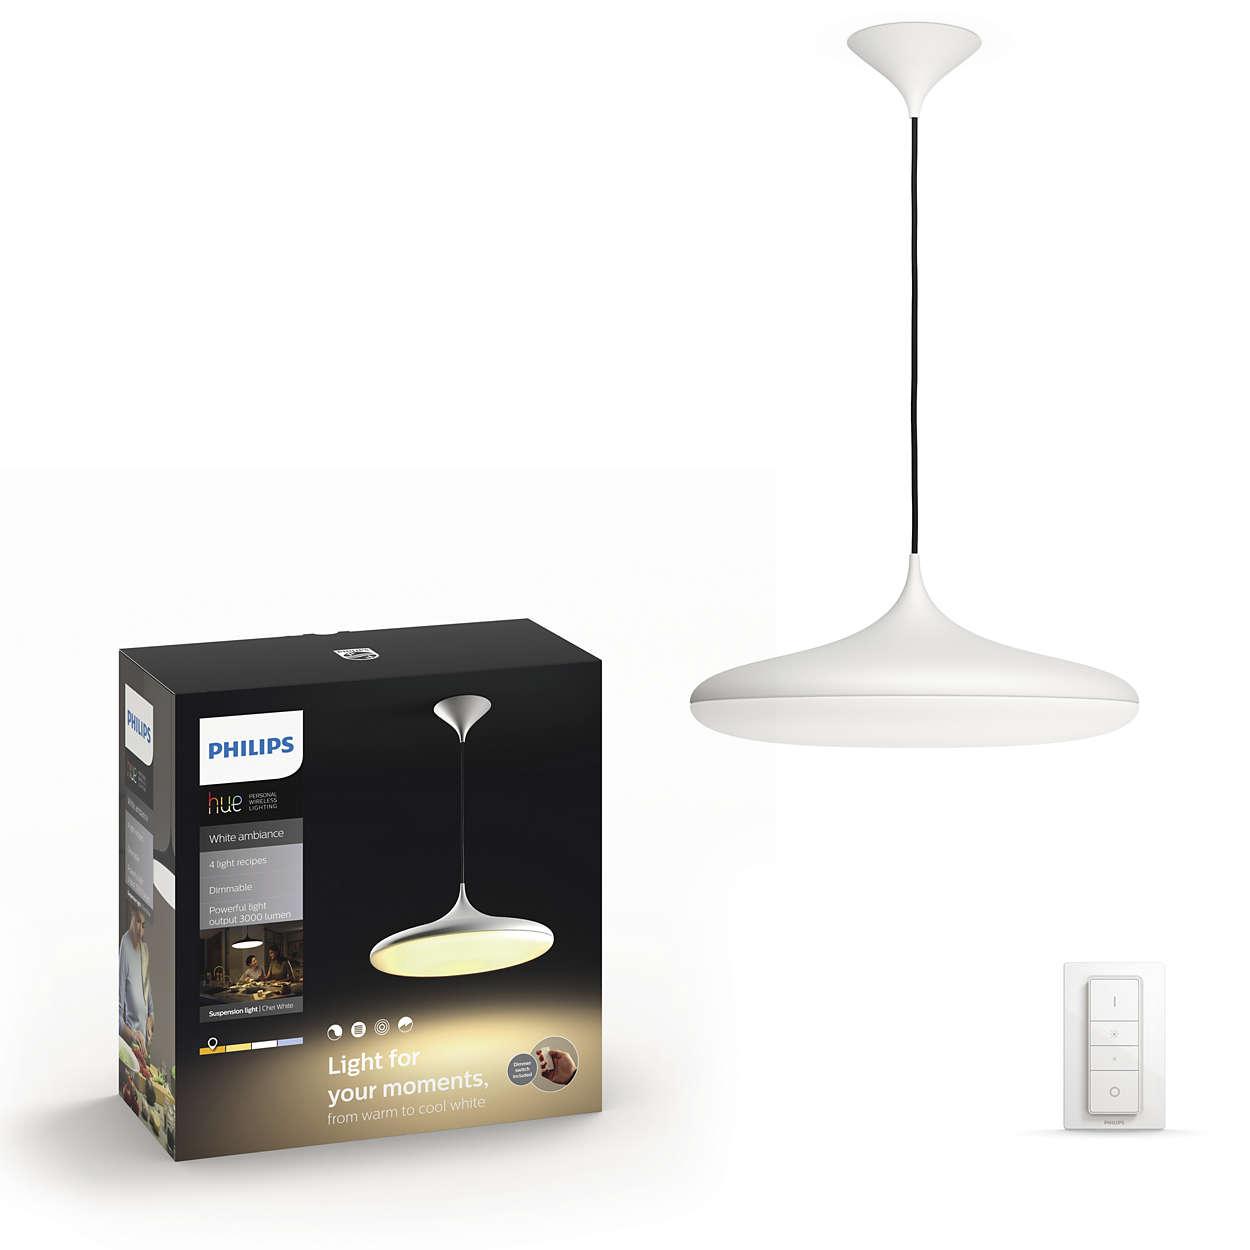 Design único para complementar a sua decoração interior